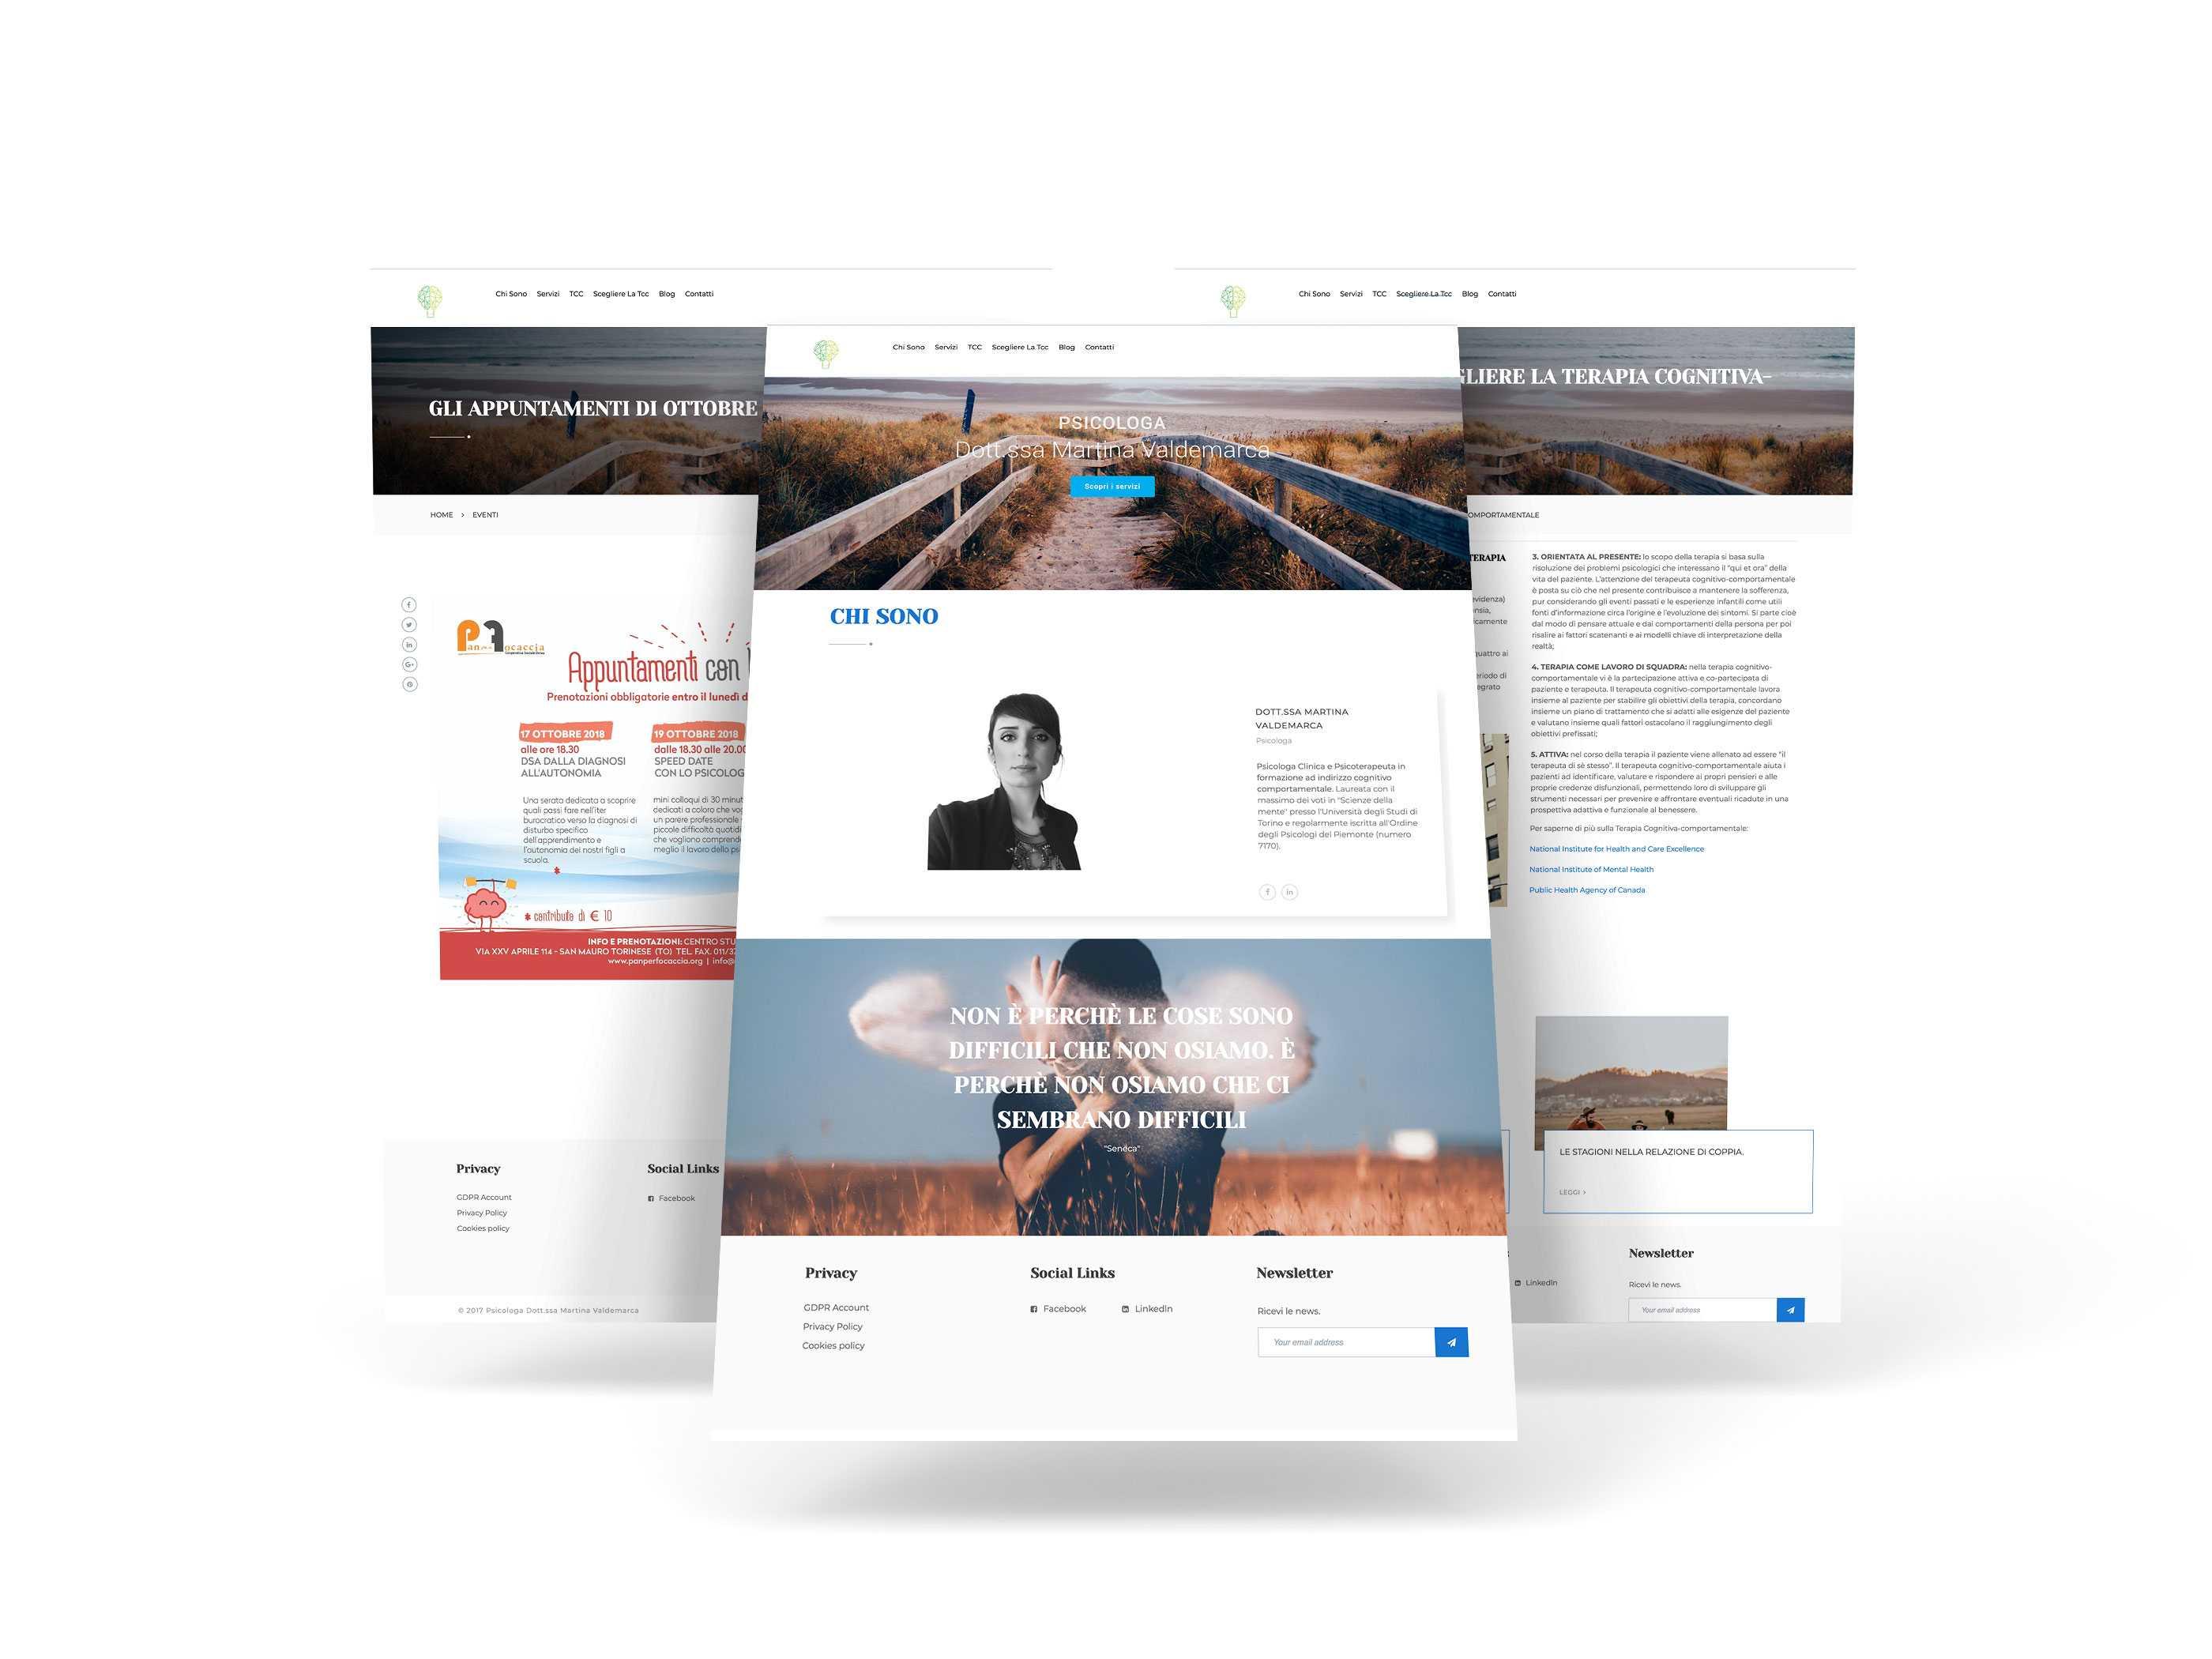 sito web di psicologavaldemarca.it